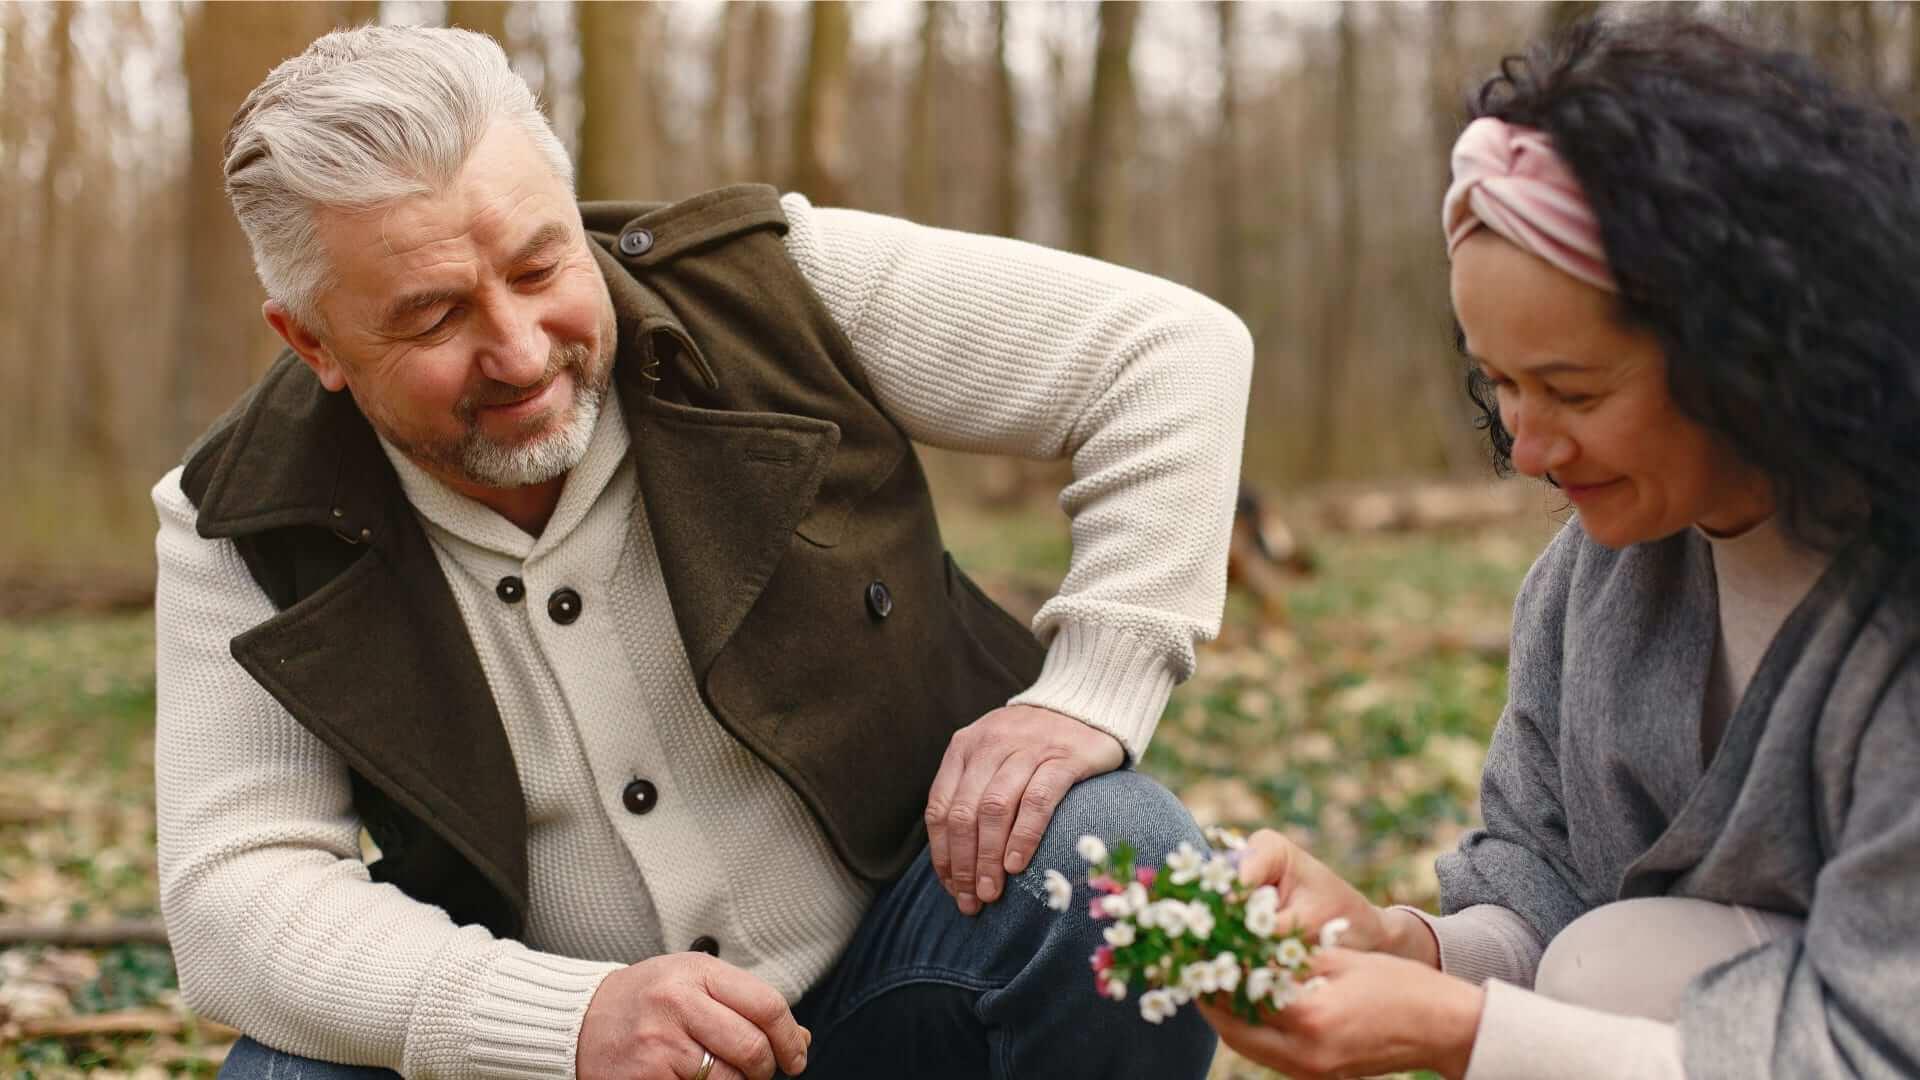 pensioensparen, pensioen, langetermijnsparen, fiscaal, sparen, belastingbrief